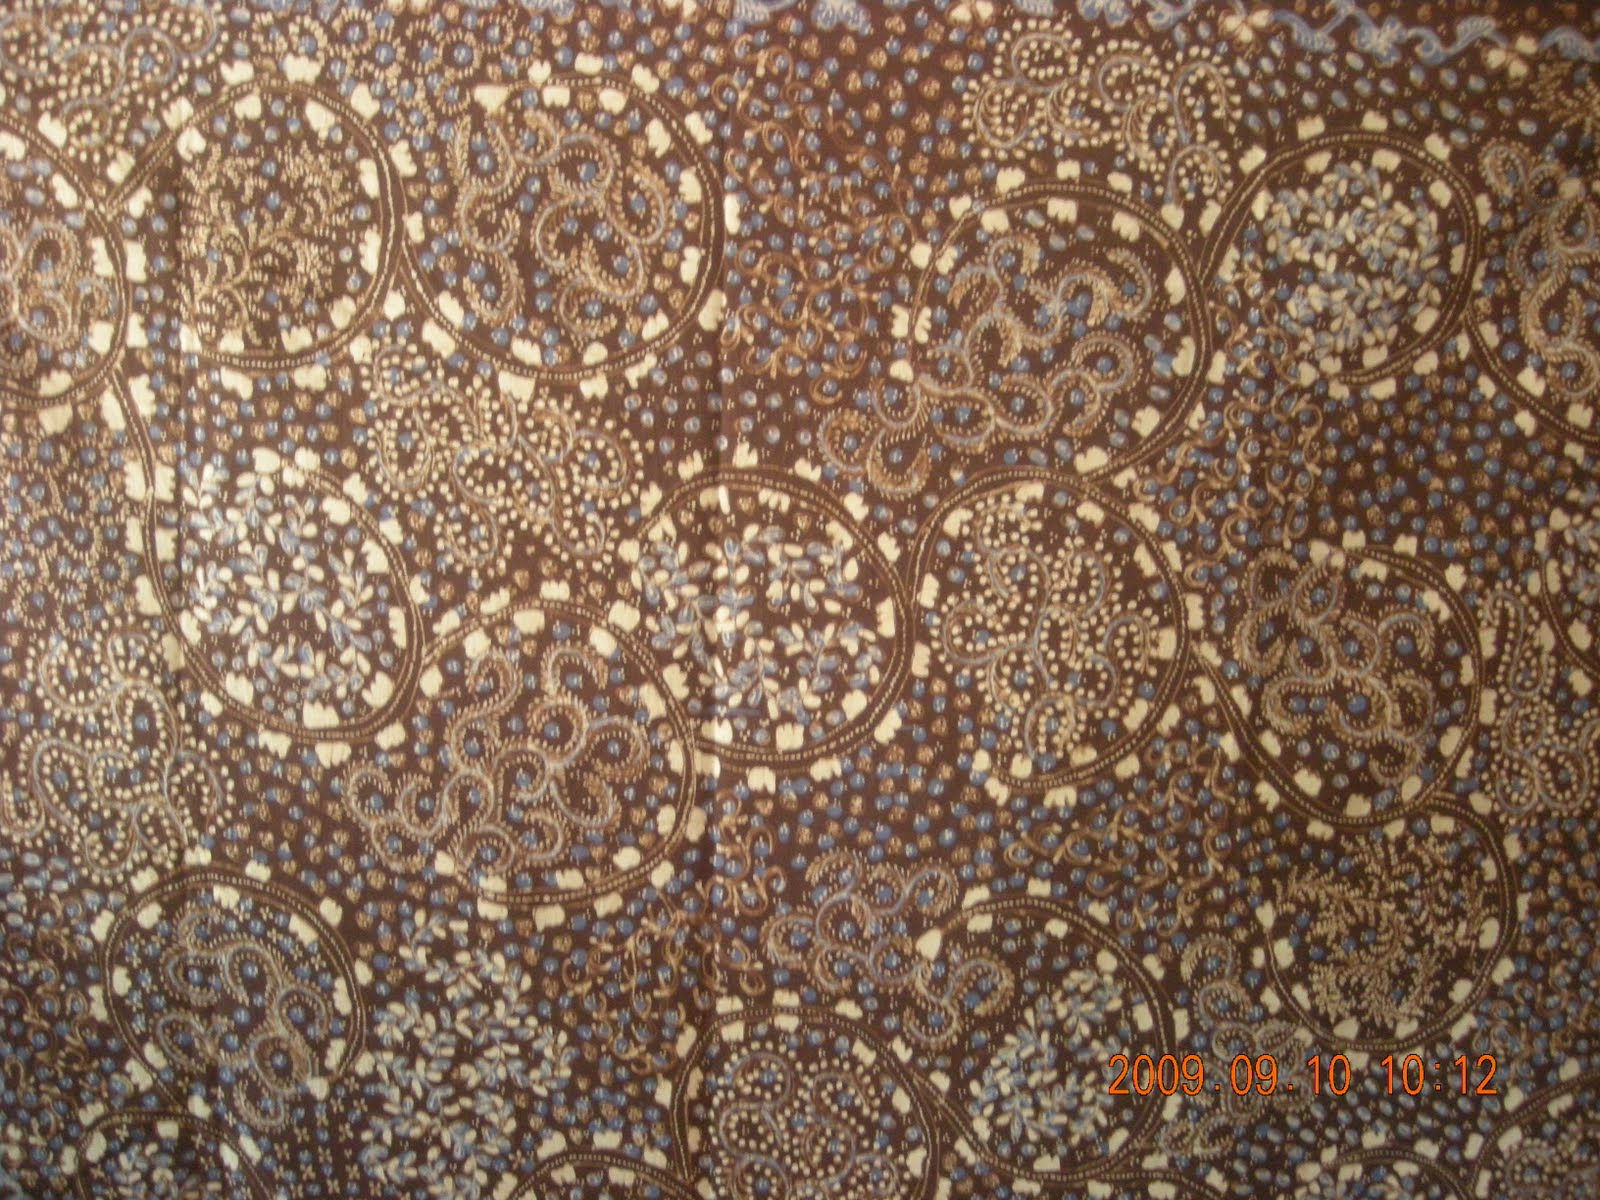 Motif Burung Hong Ukuran 110 cm x 240 cm Harga Rp 450 000 Jenis Batik Tulis Produksi Batik Tulis Lasem Warna Tersedia Kombinasi Hijau Biru